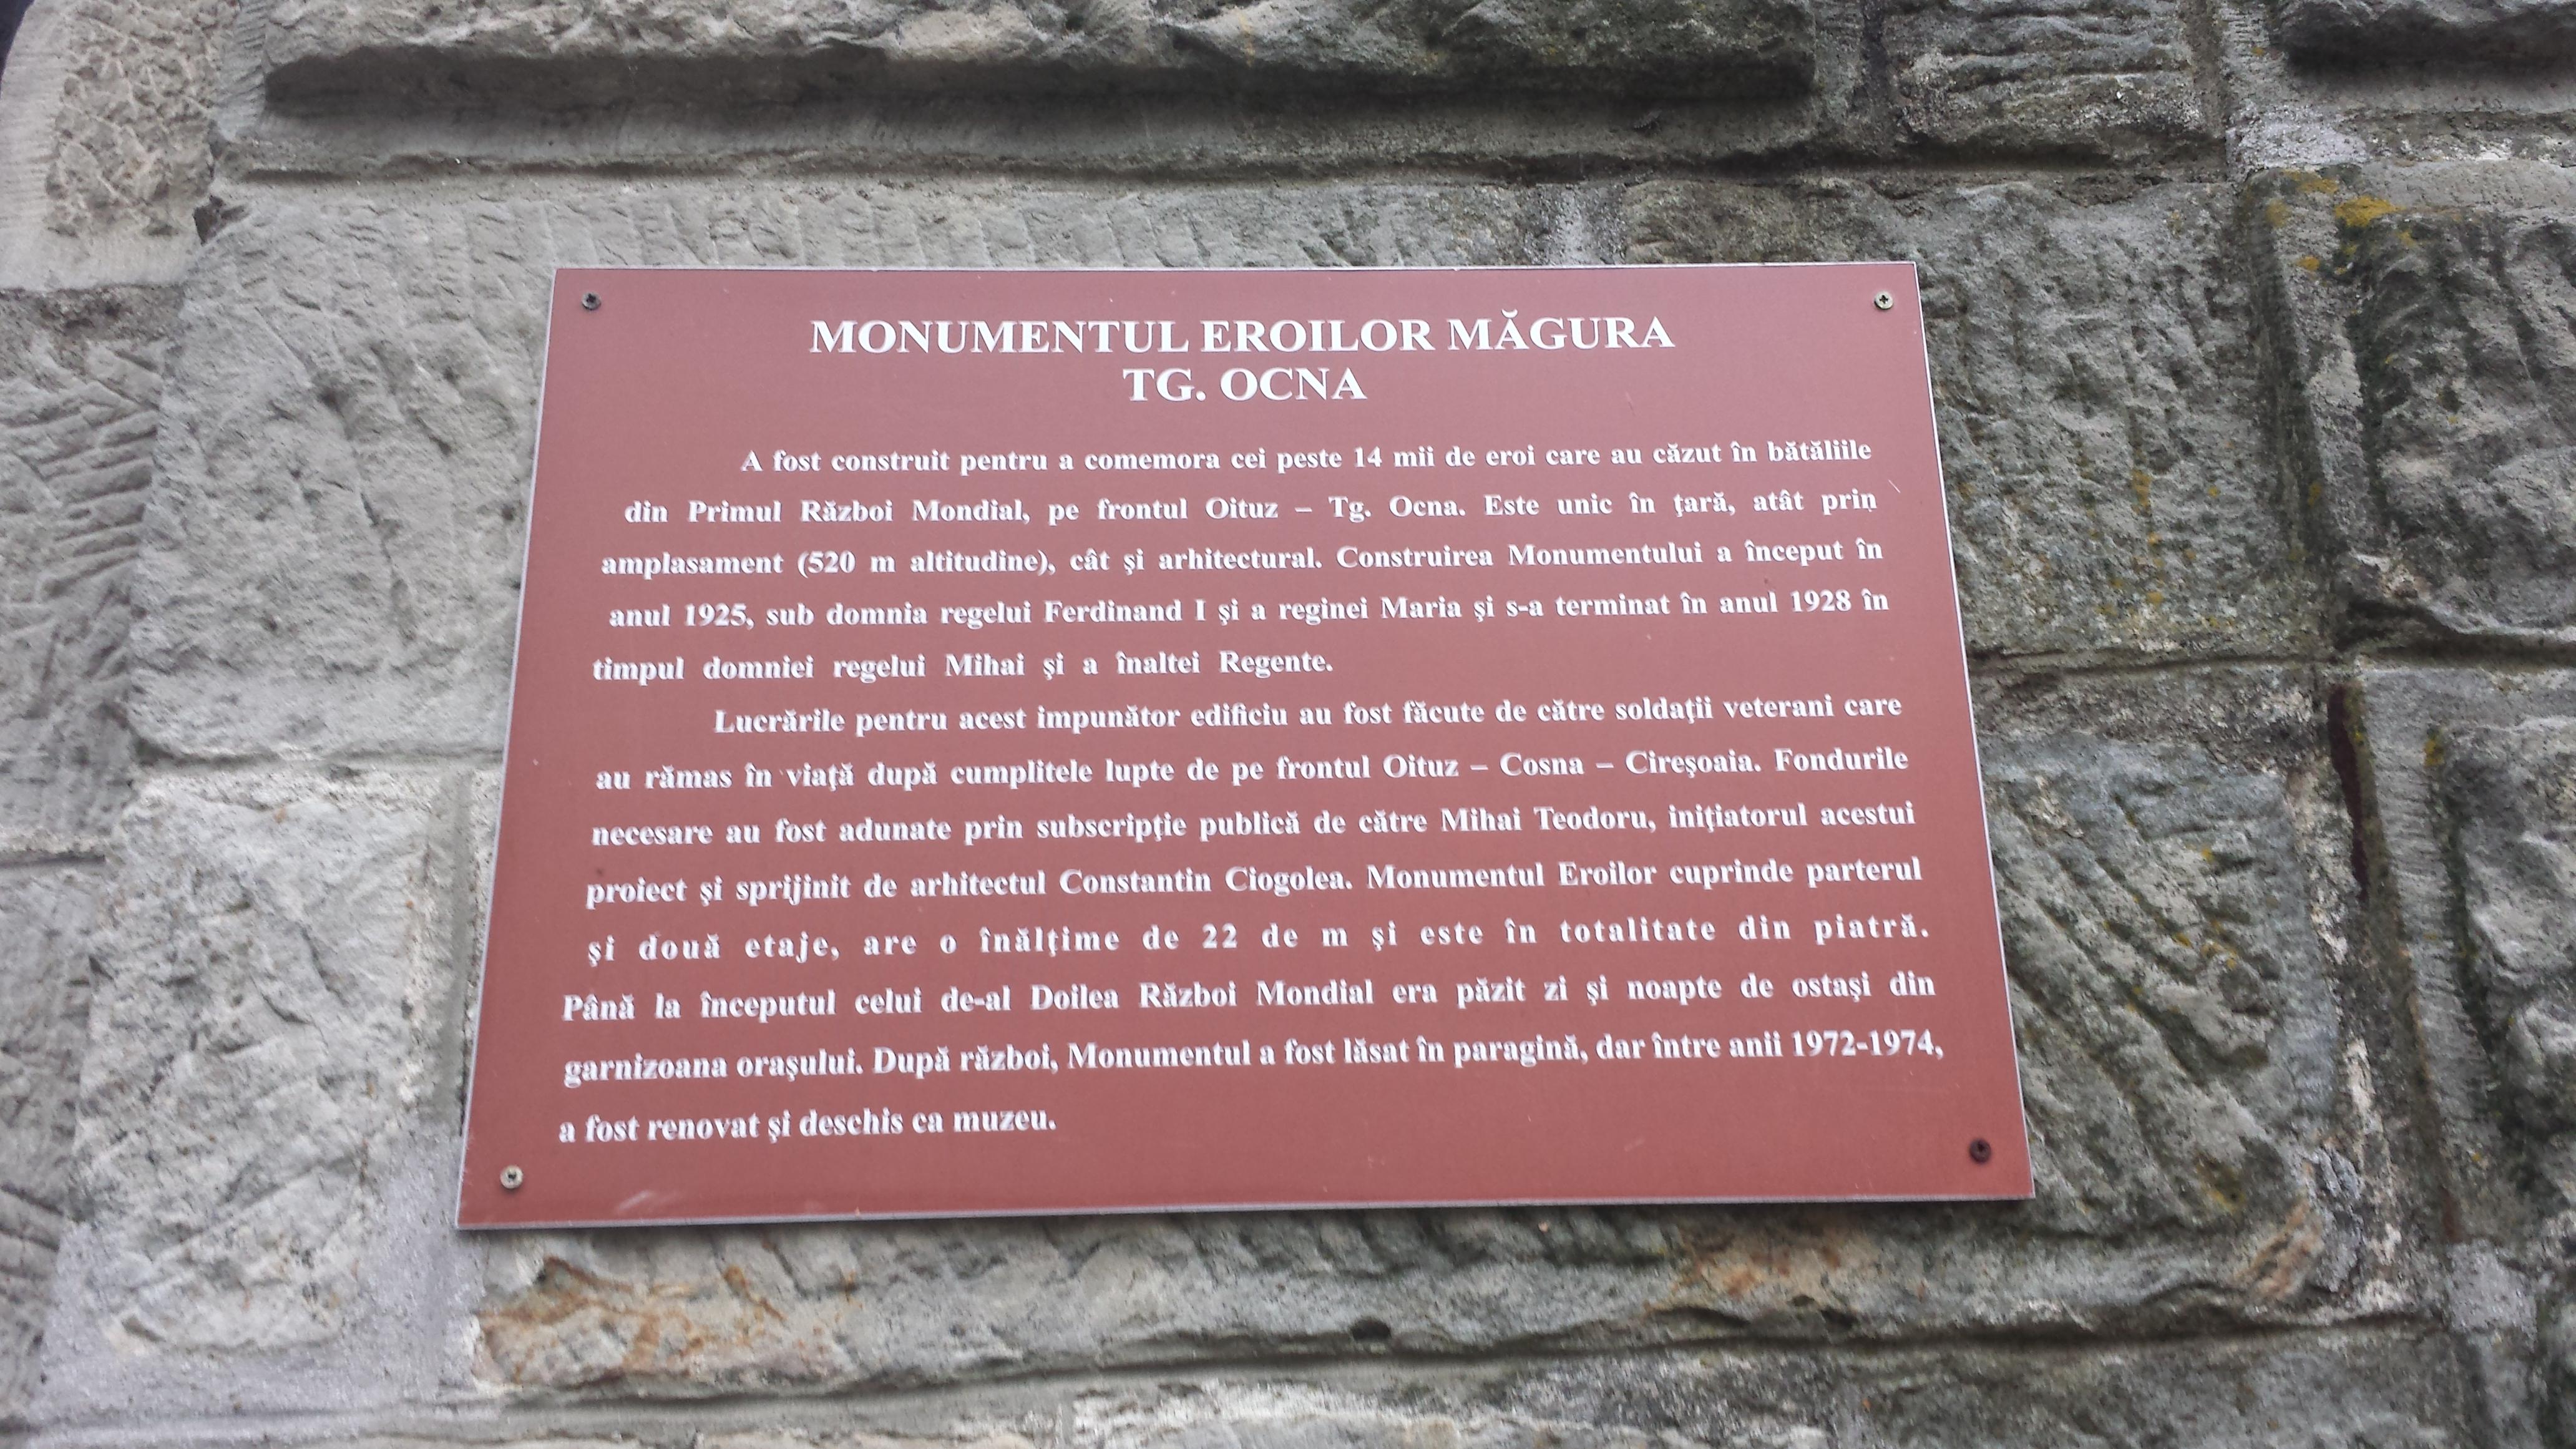 Monumentul Eroilor de pe Muntele Măgura. Bacău.